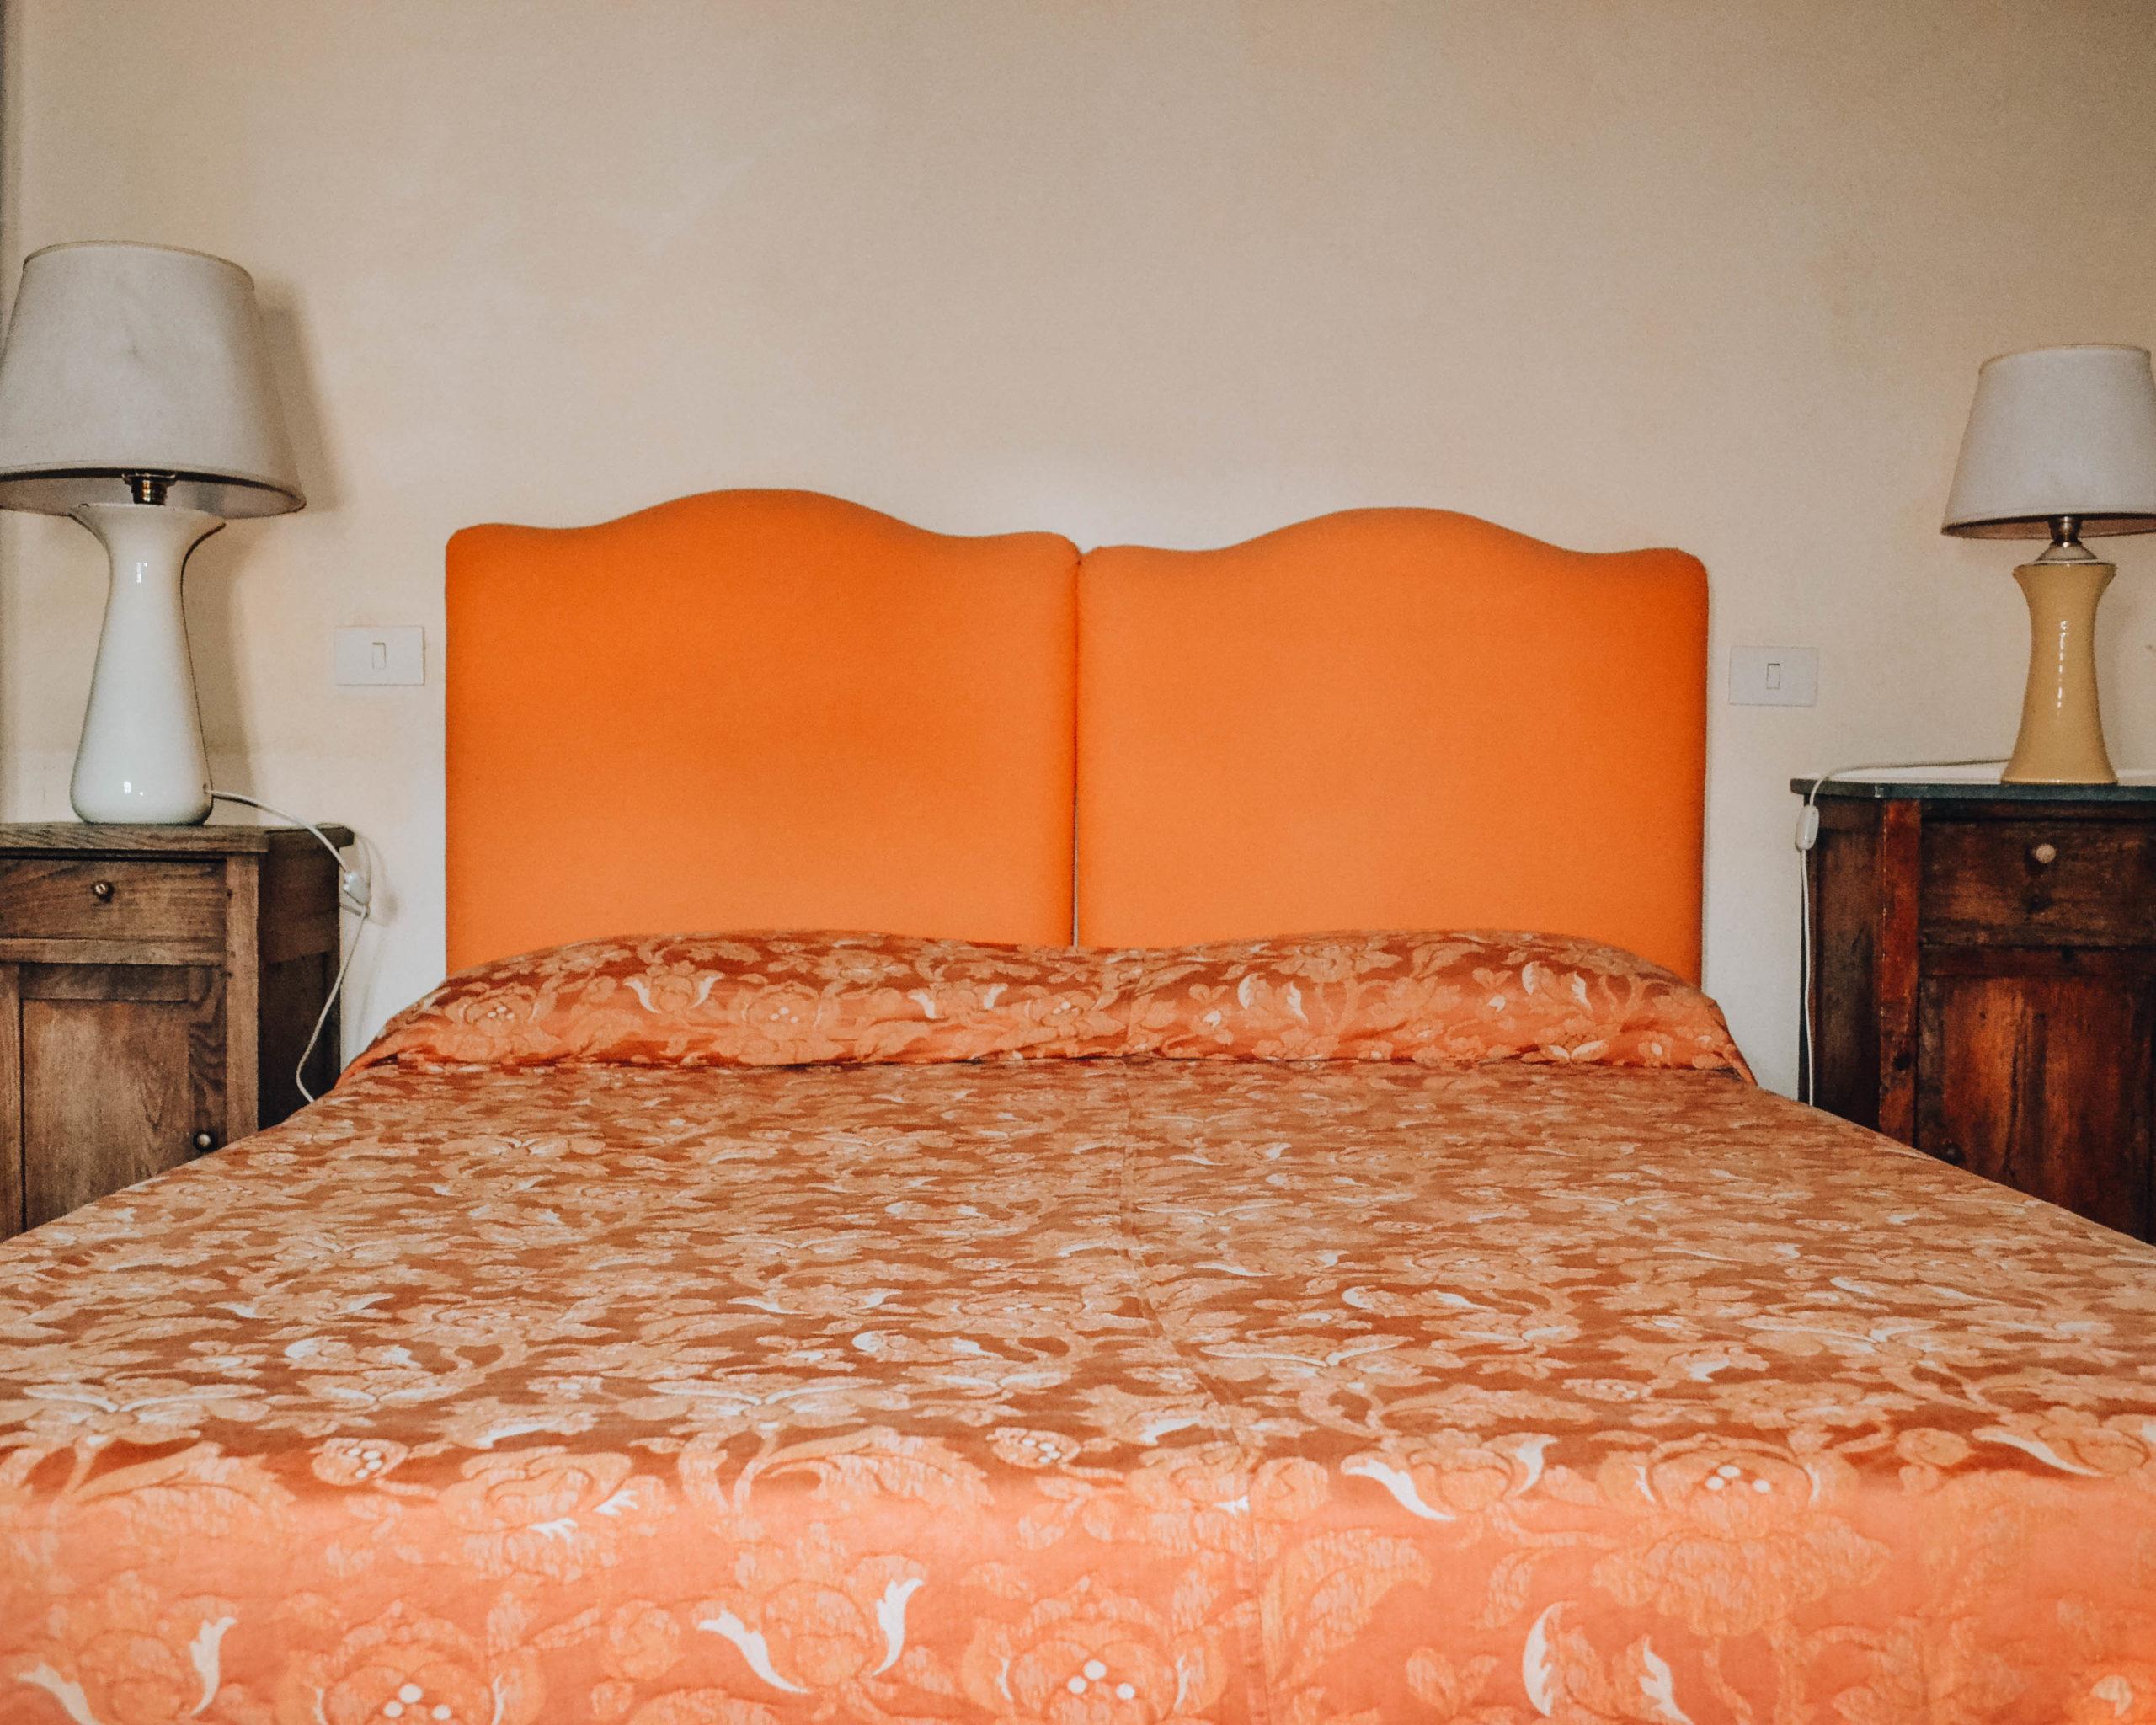 letto matrimoniale con coperta arancio e due comodini in legno